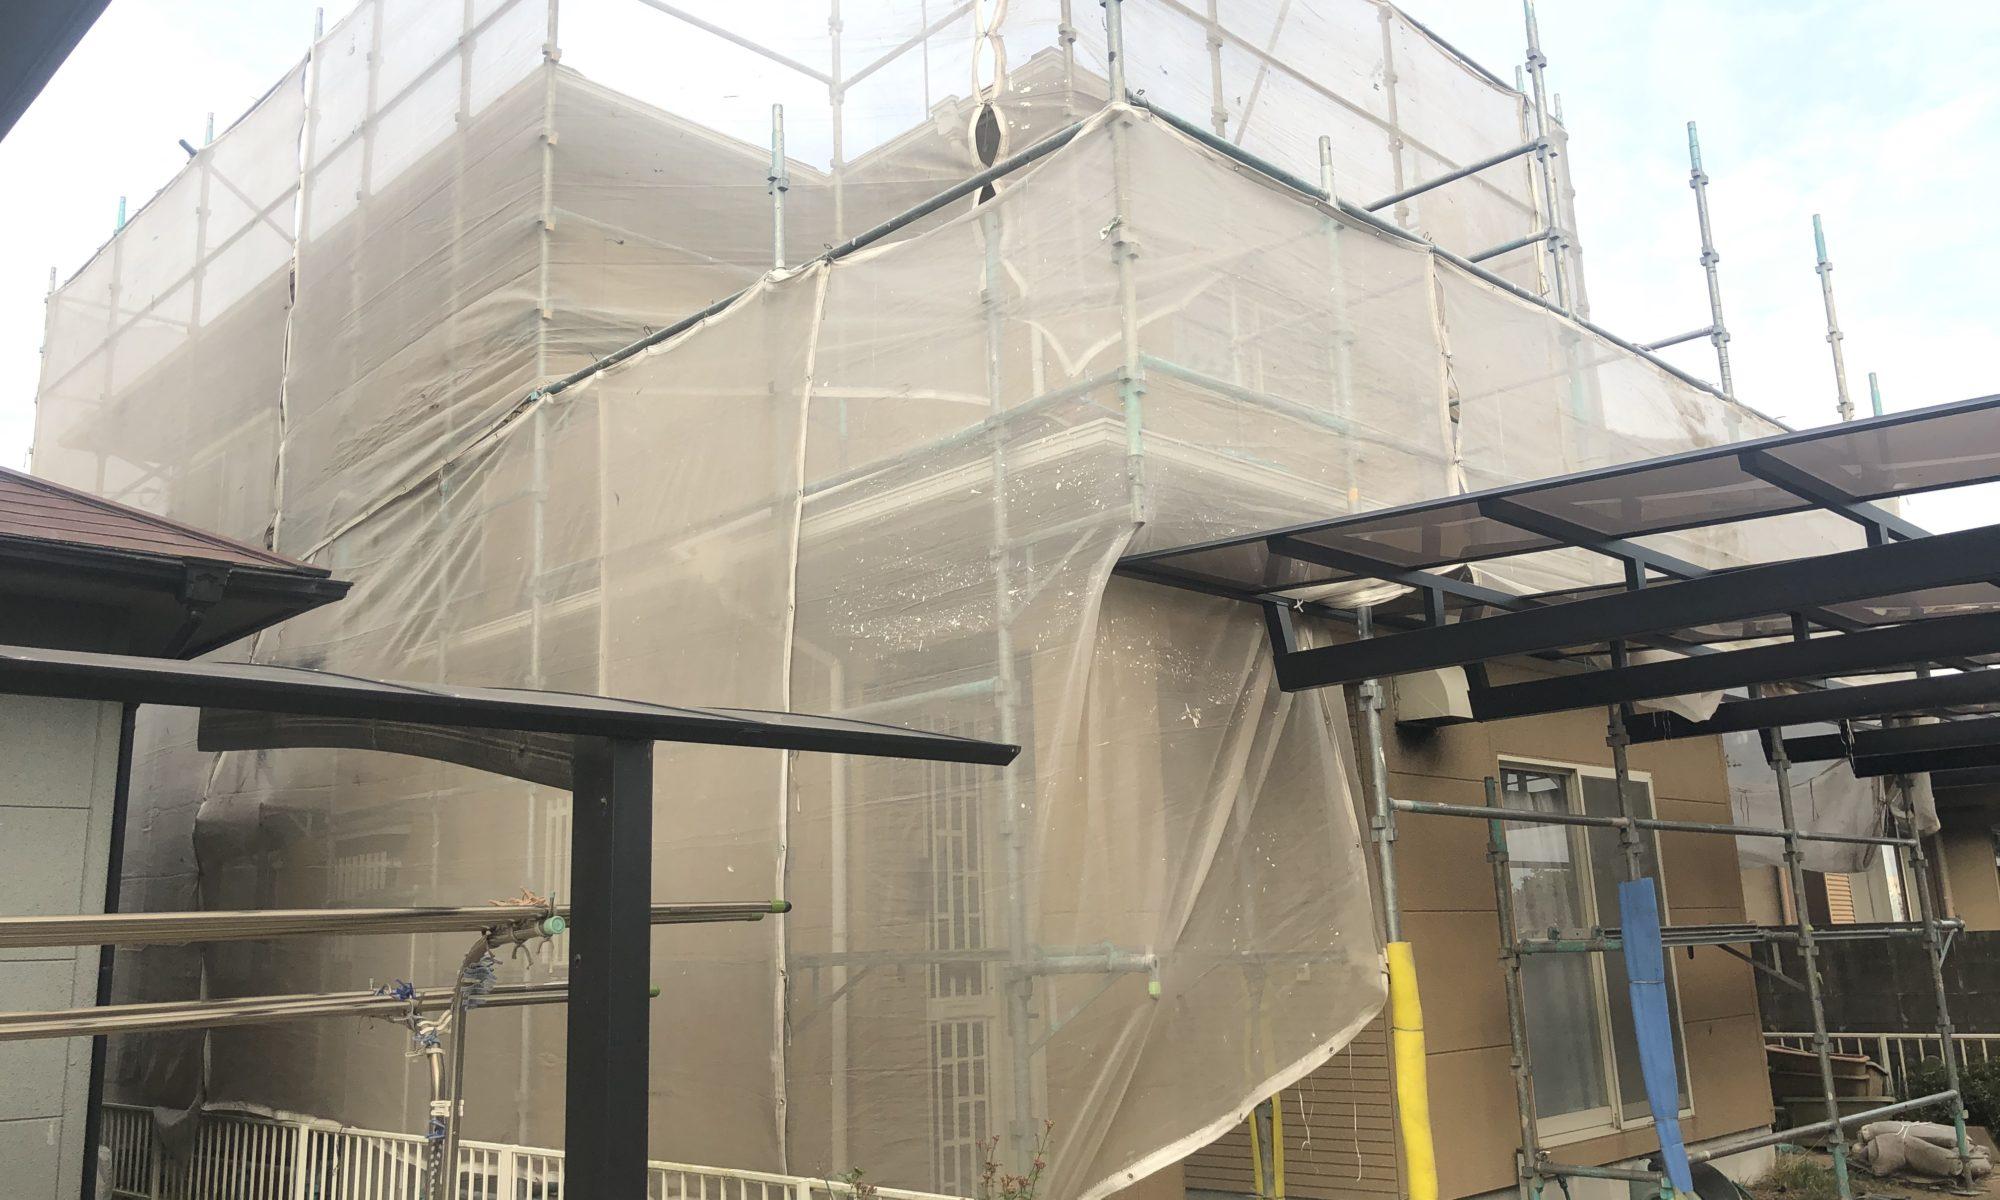 2019.11.27(水)瀬戸内市K様邸 屋根塗装外壁塗装 工事着工